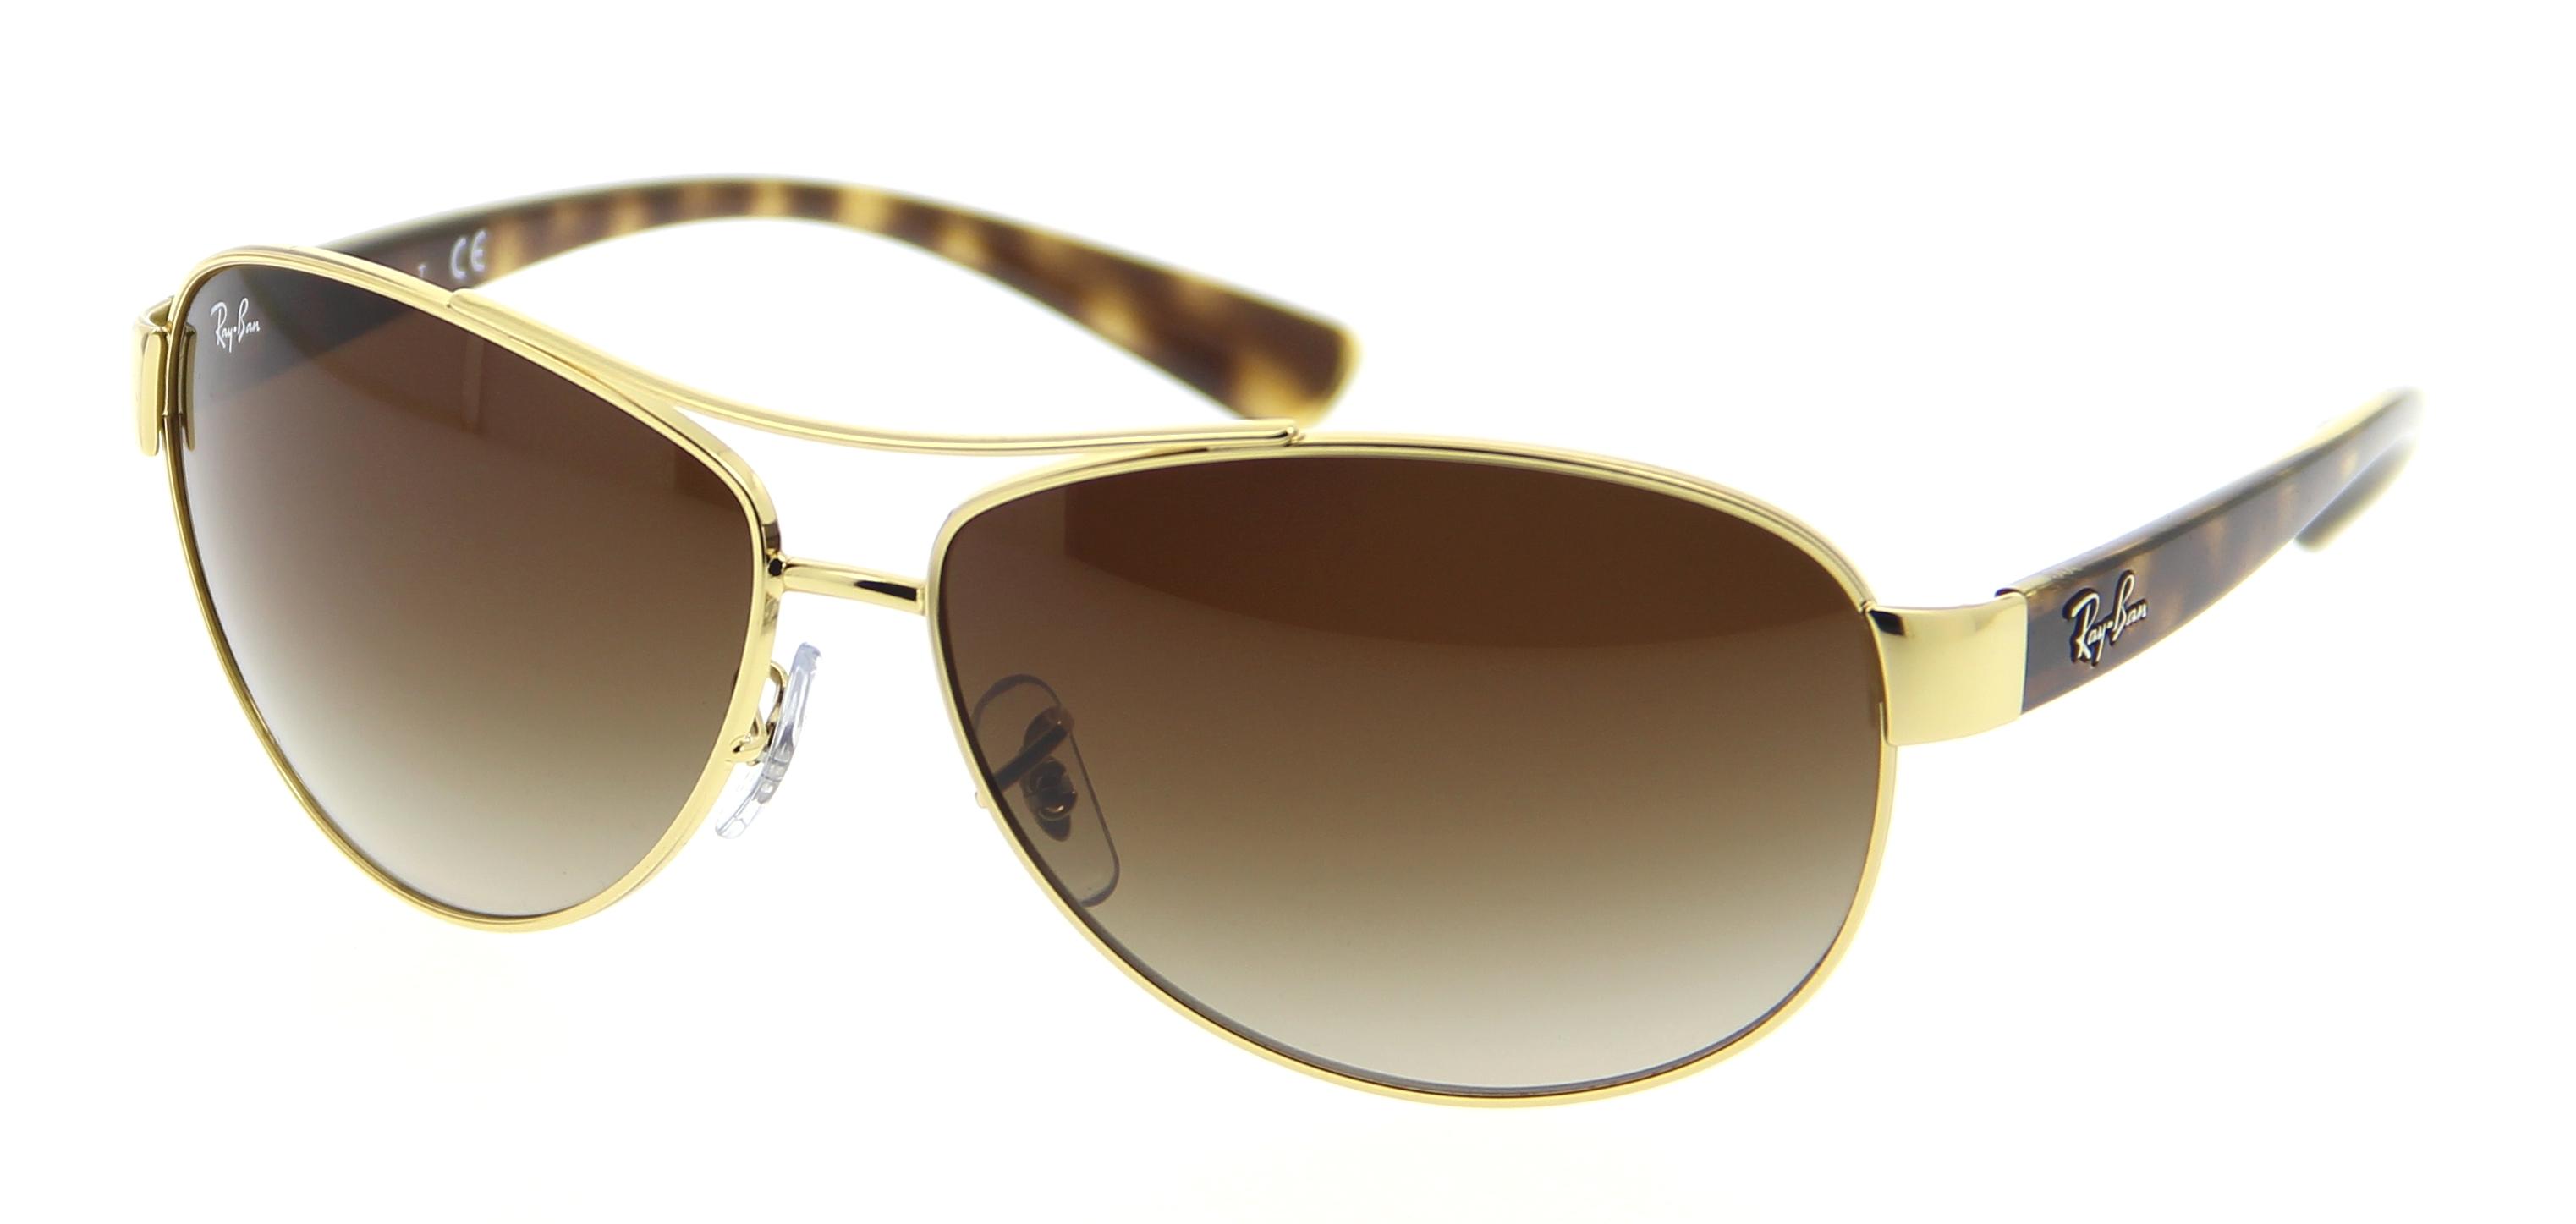 lunettes de soleil ray ban femme optical center. Black Bedroom Furniture Sets. Home Design Ideas